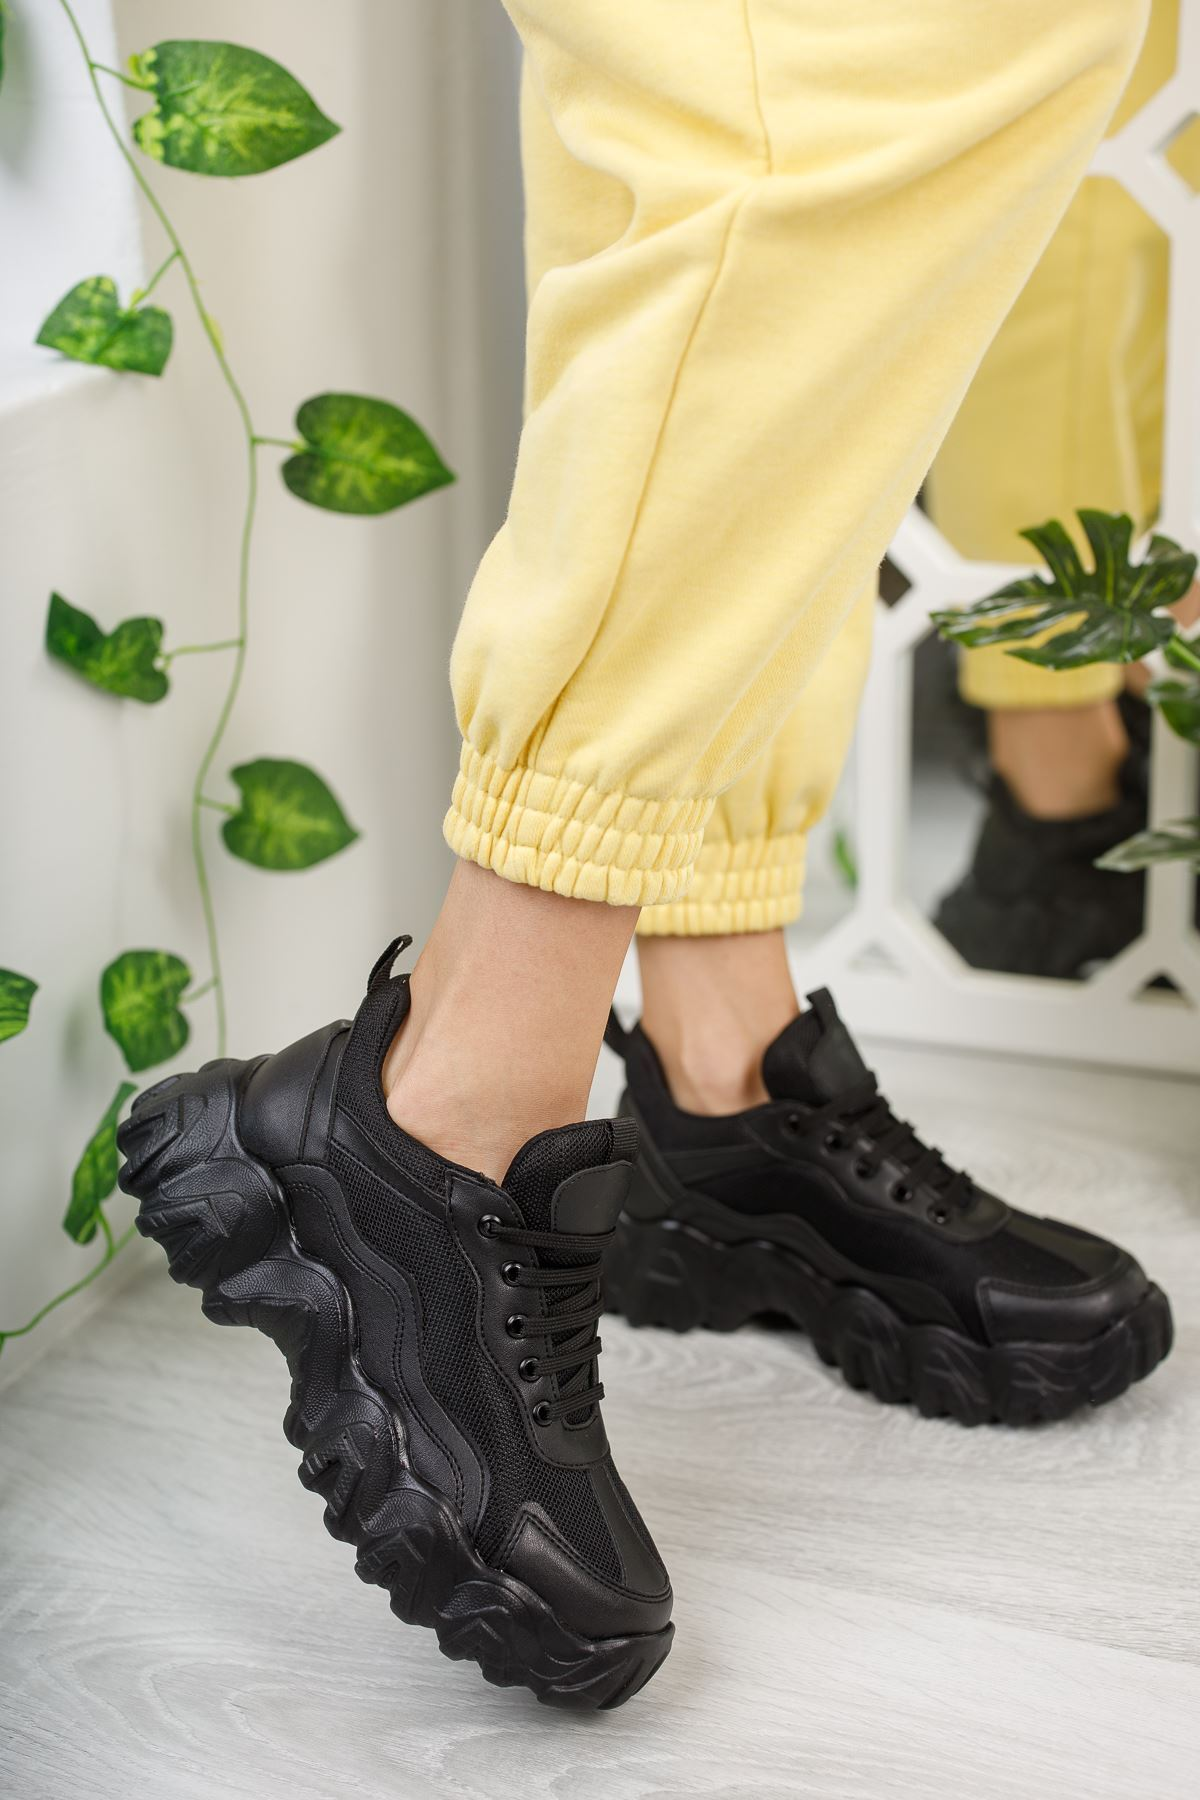 Rapina Siyah Mat Deri Bağcıklı Kadın Spor Ayakkabı